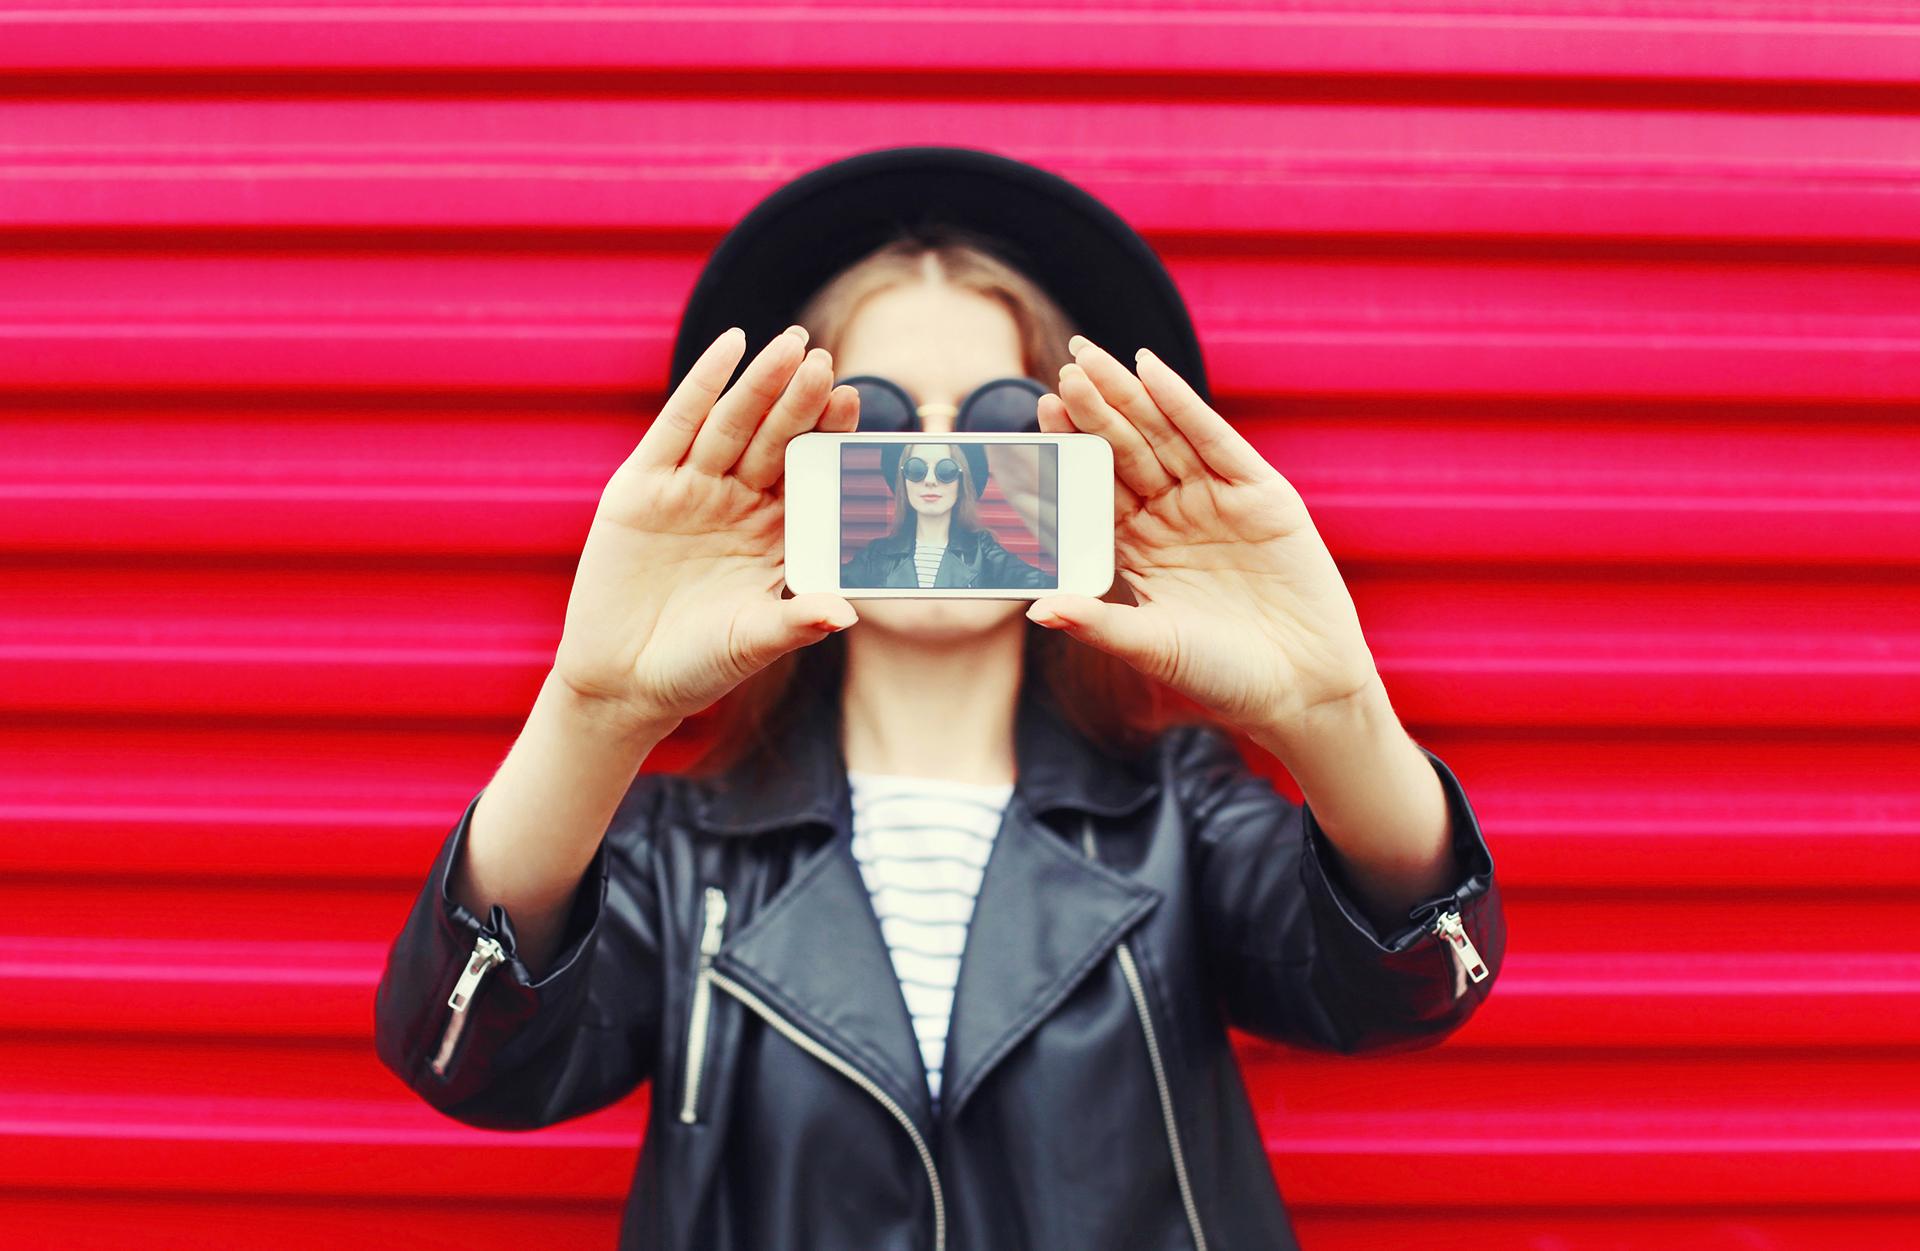 Los amantes de las selfies también deberán tener en cuenta las especificaciones de la cámara frontal y si tiene, por ejemplo, un gran angular para hacer fotos grupales más amplias, donde nadie quede afeura